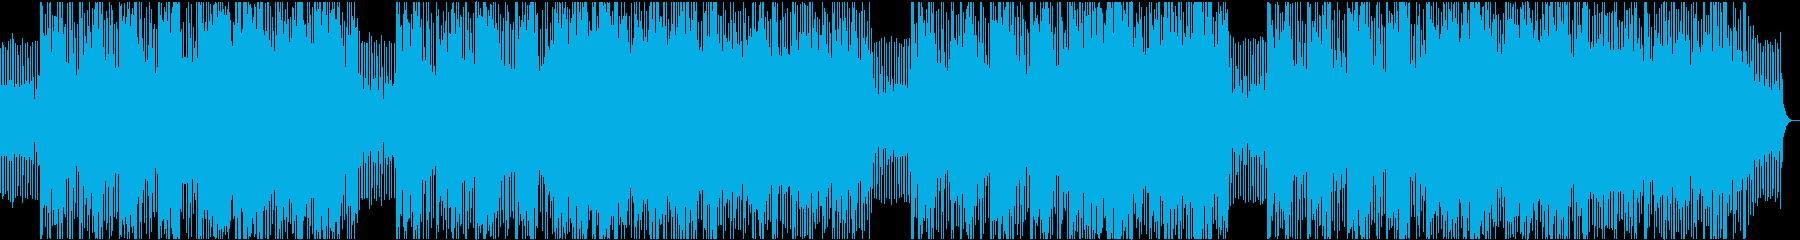 企業VP24 24bit44kHzVerの再生済みの波形